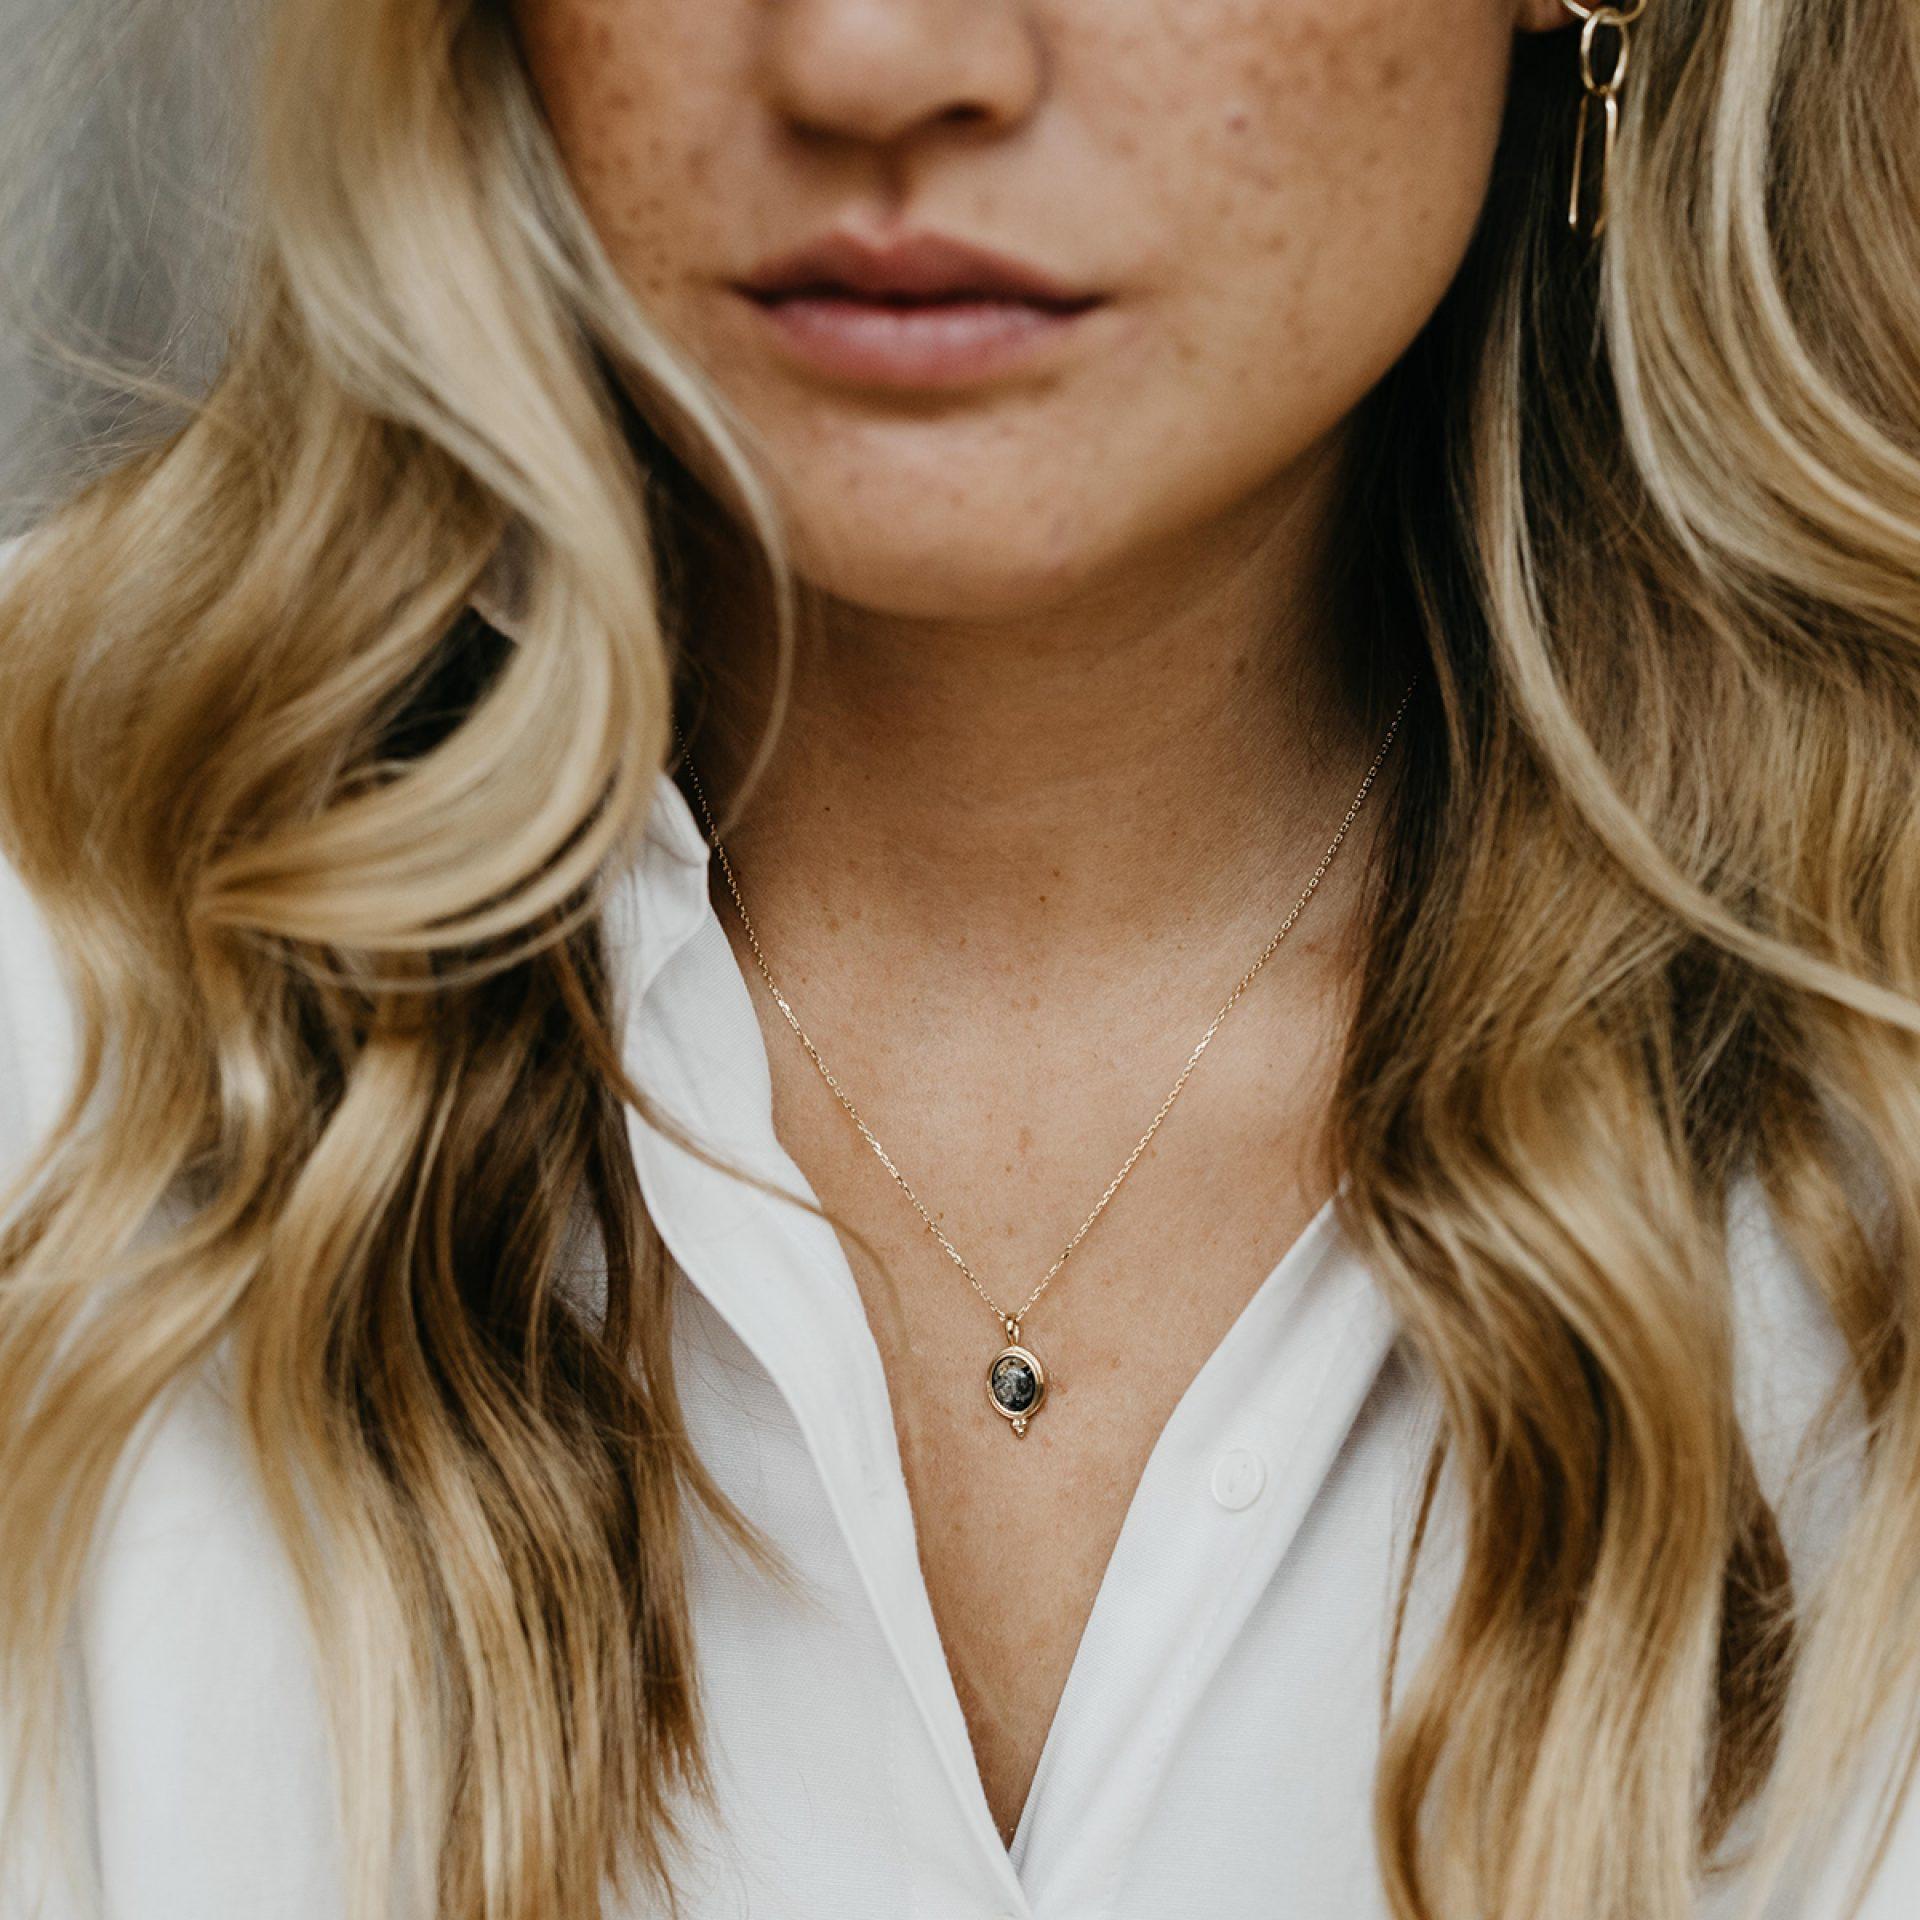 Halskette Asche Haare Erinnerung Verstorbene